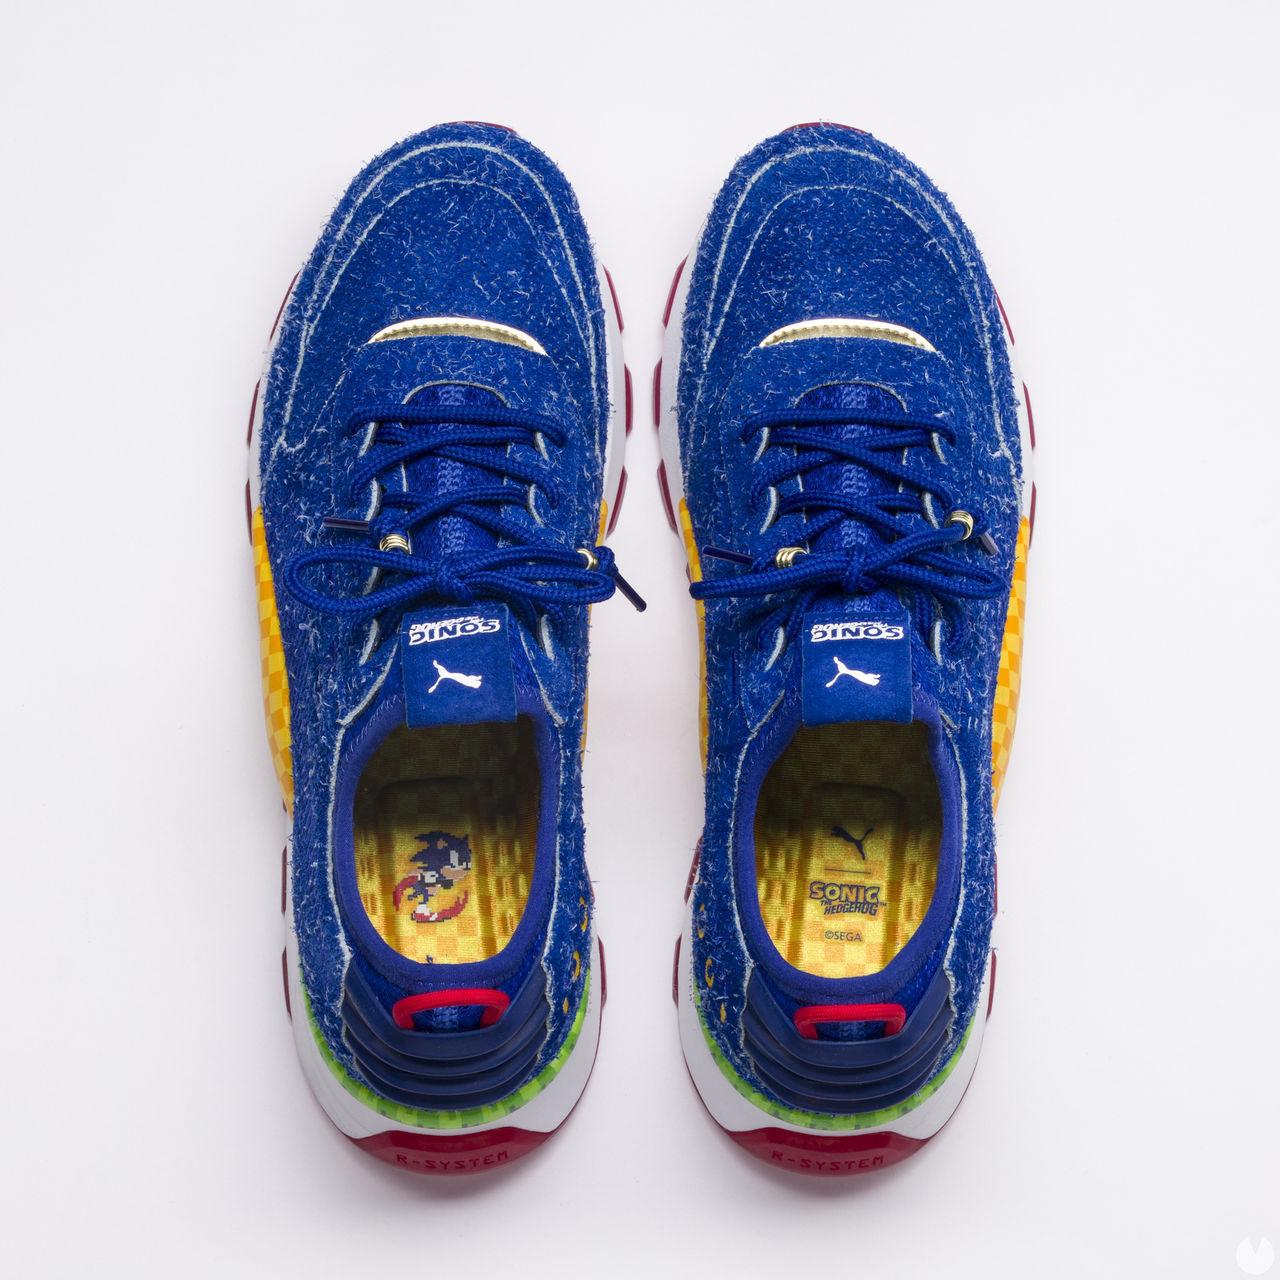 conoce-la-coleccion4-de-zapatillas-oficiales-de-sonic-frikigamers.com